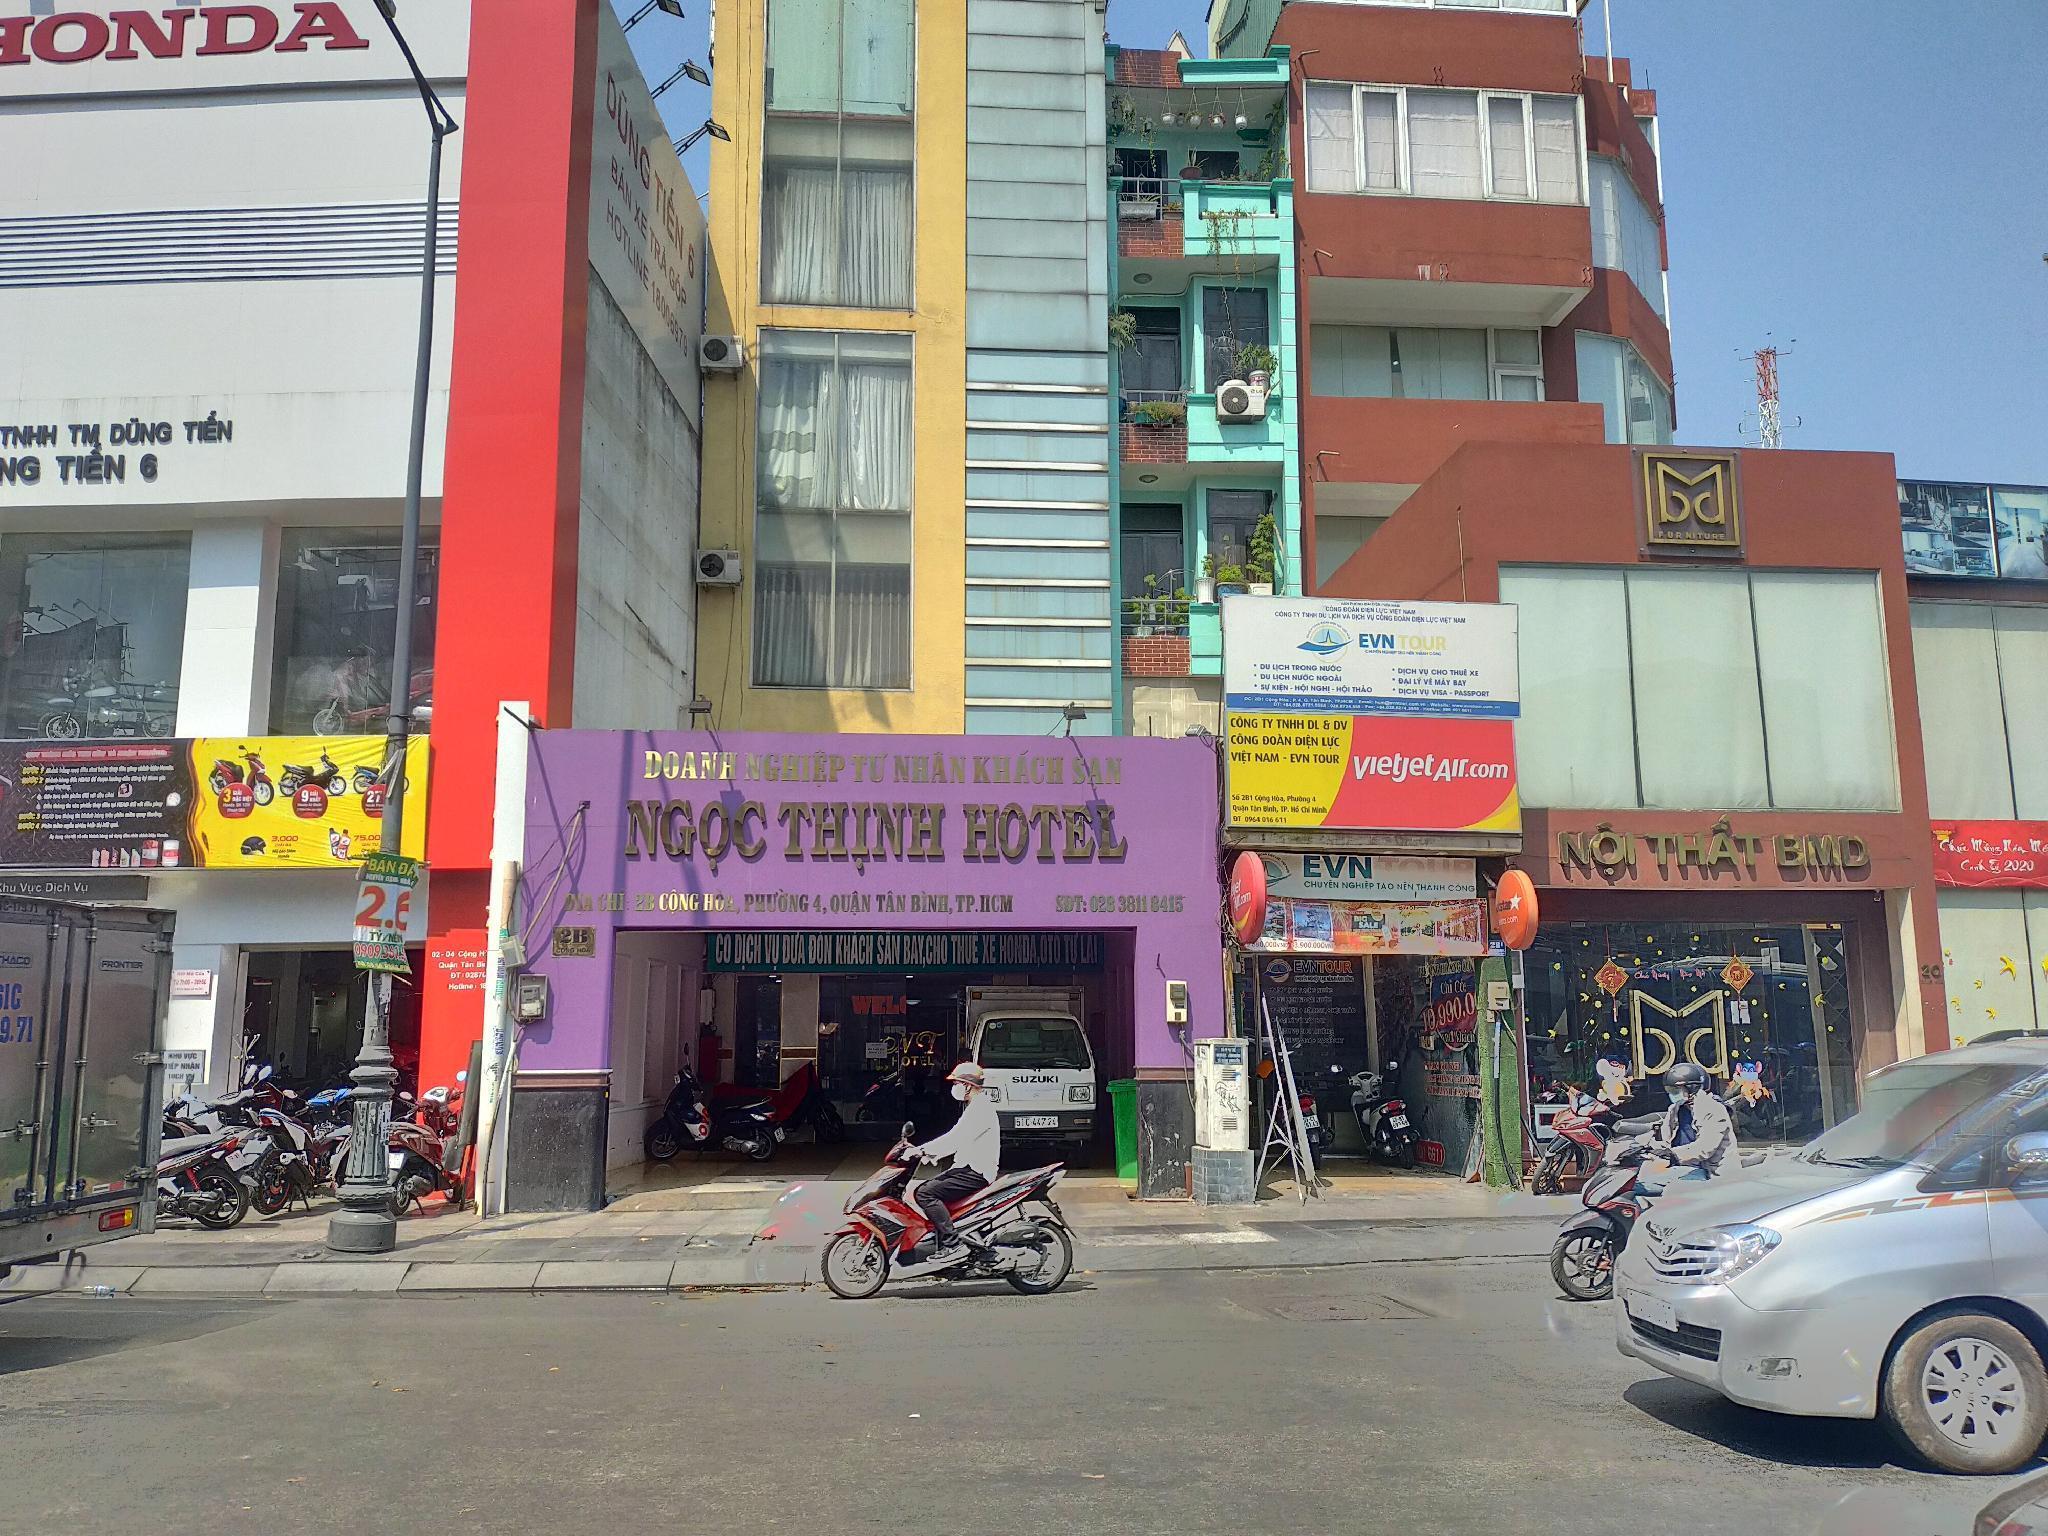 OYO 885 Ngoc Thinh Hotel